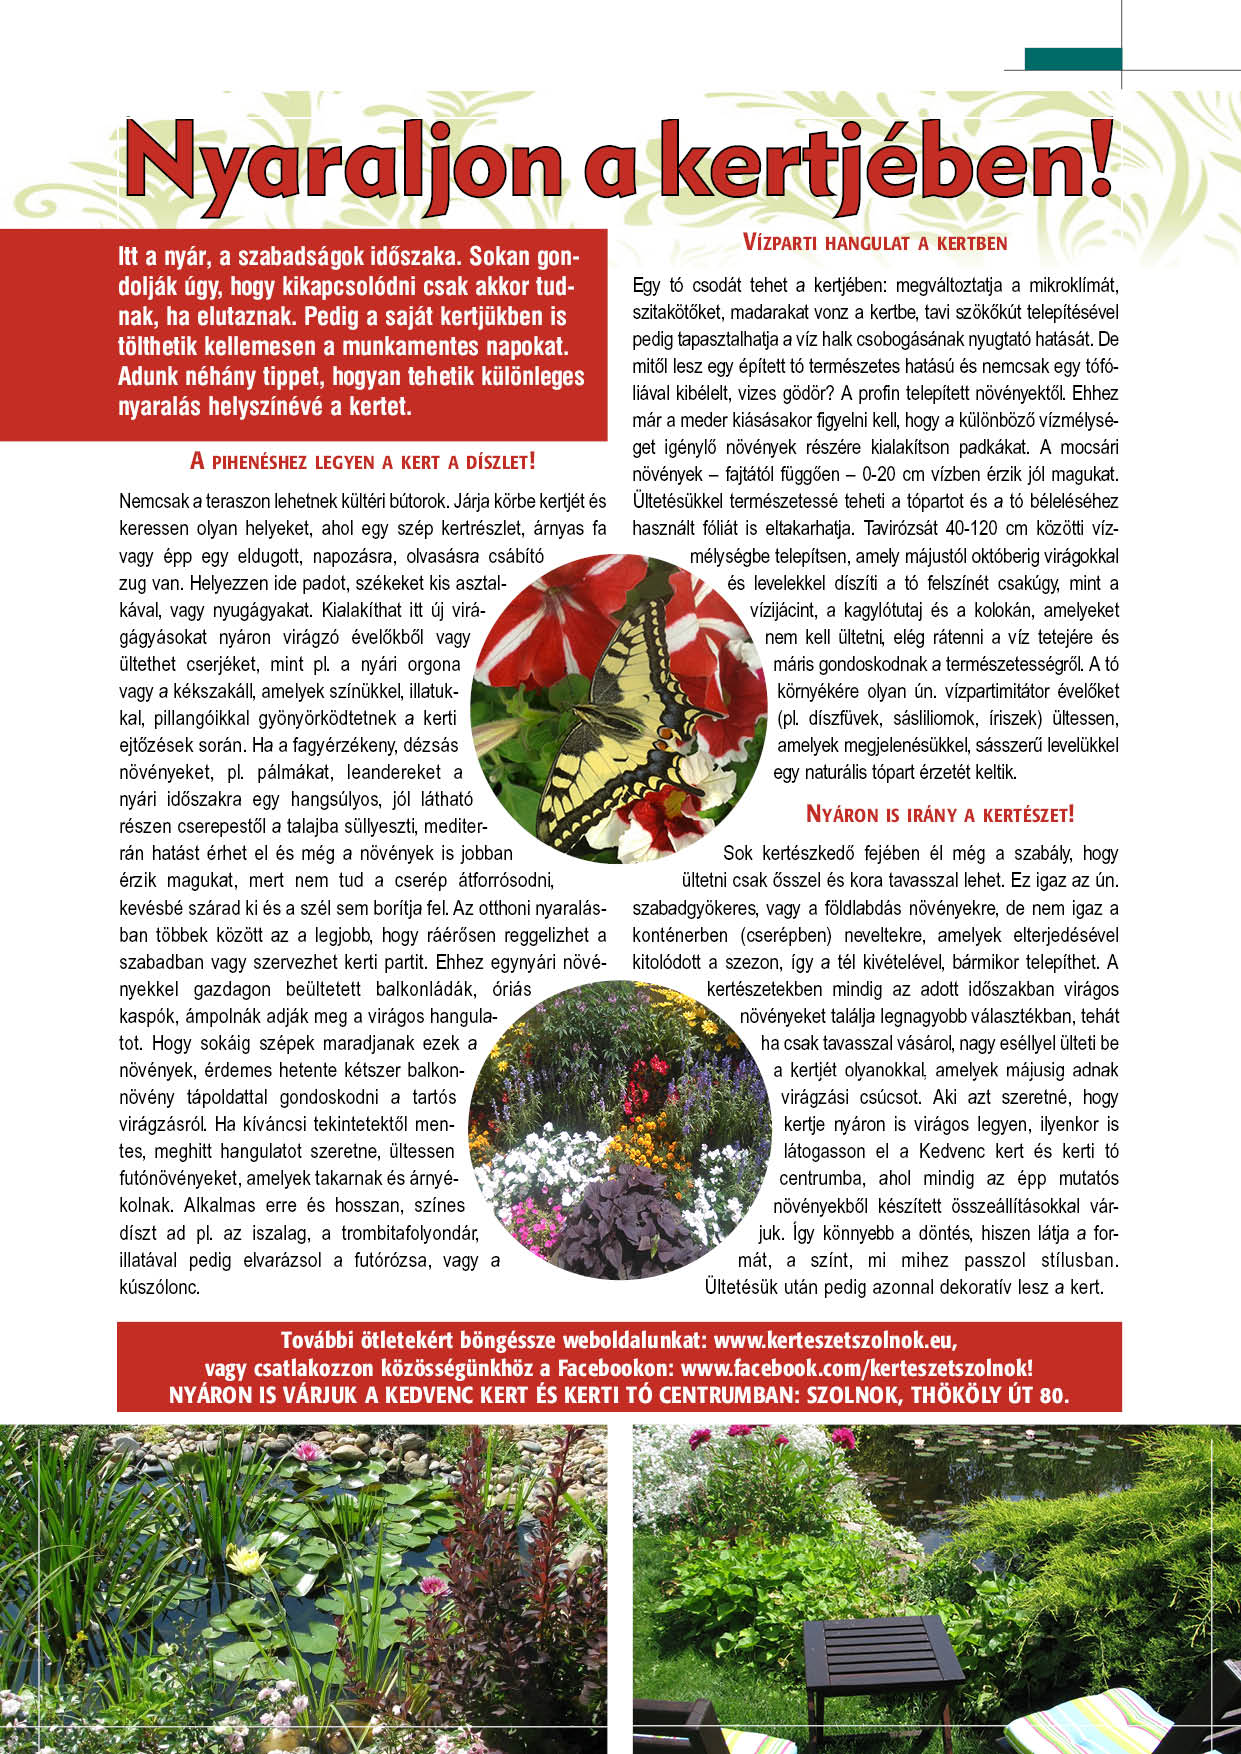 Augusztusban a kertről Archives - Kedvenc kert és kerti tó centrum a9a25806e1